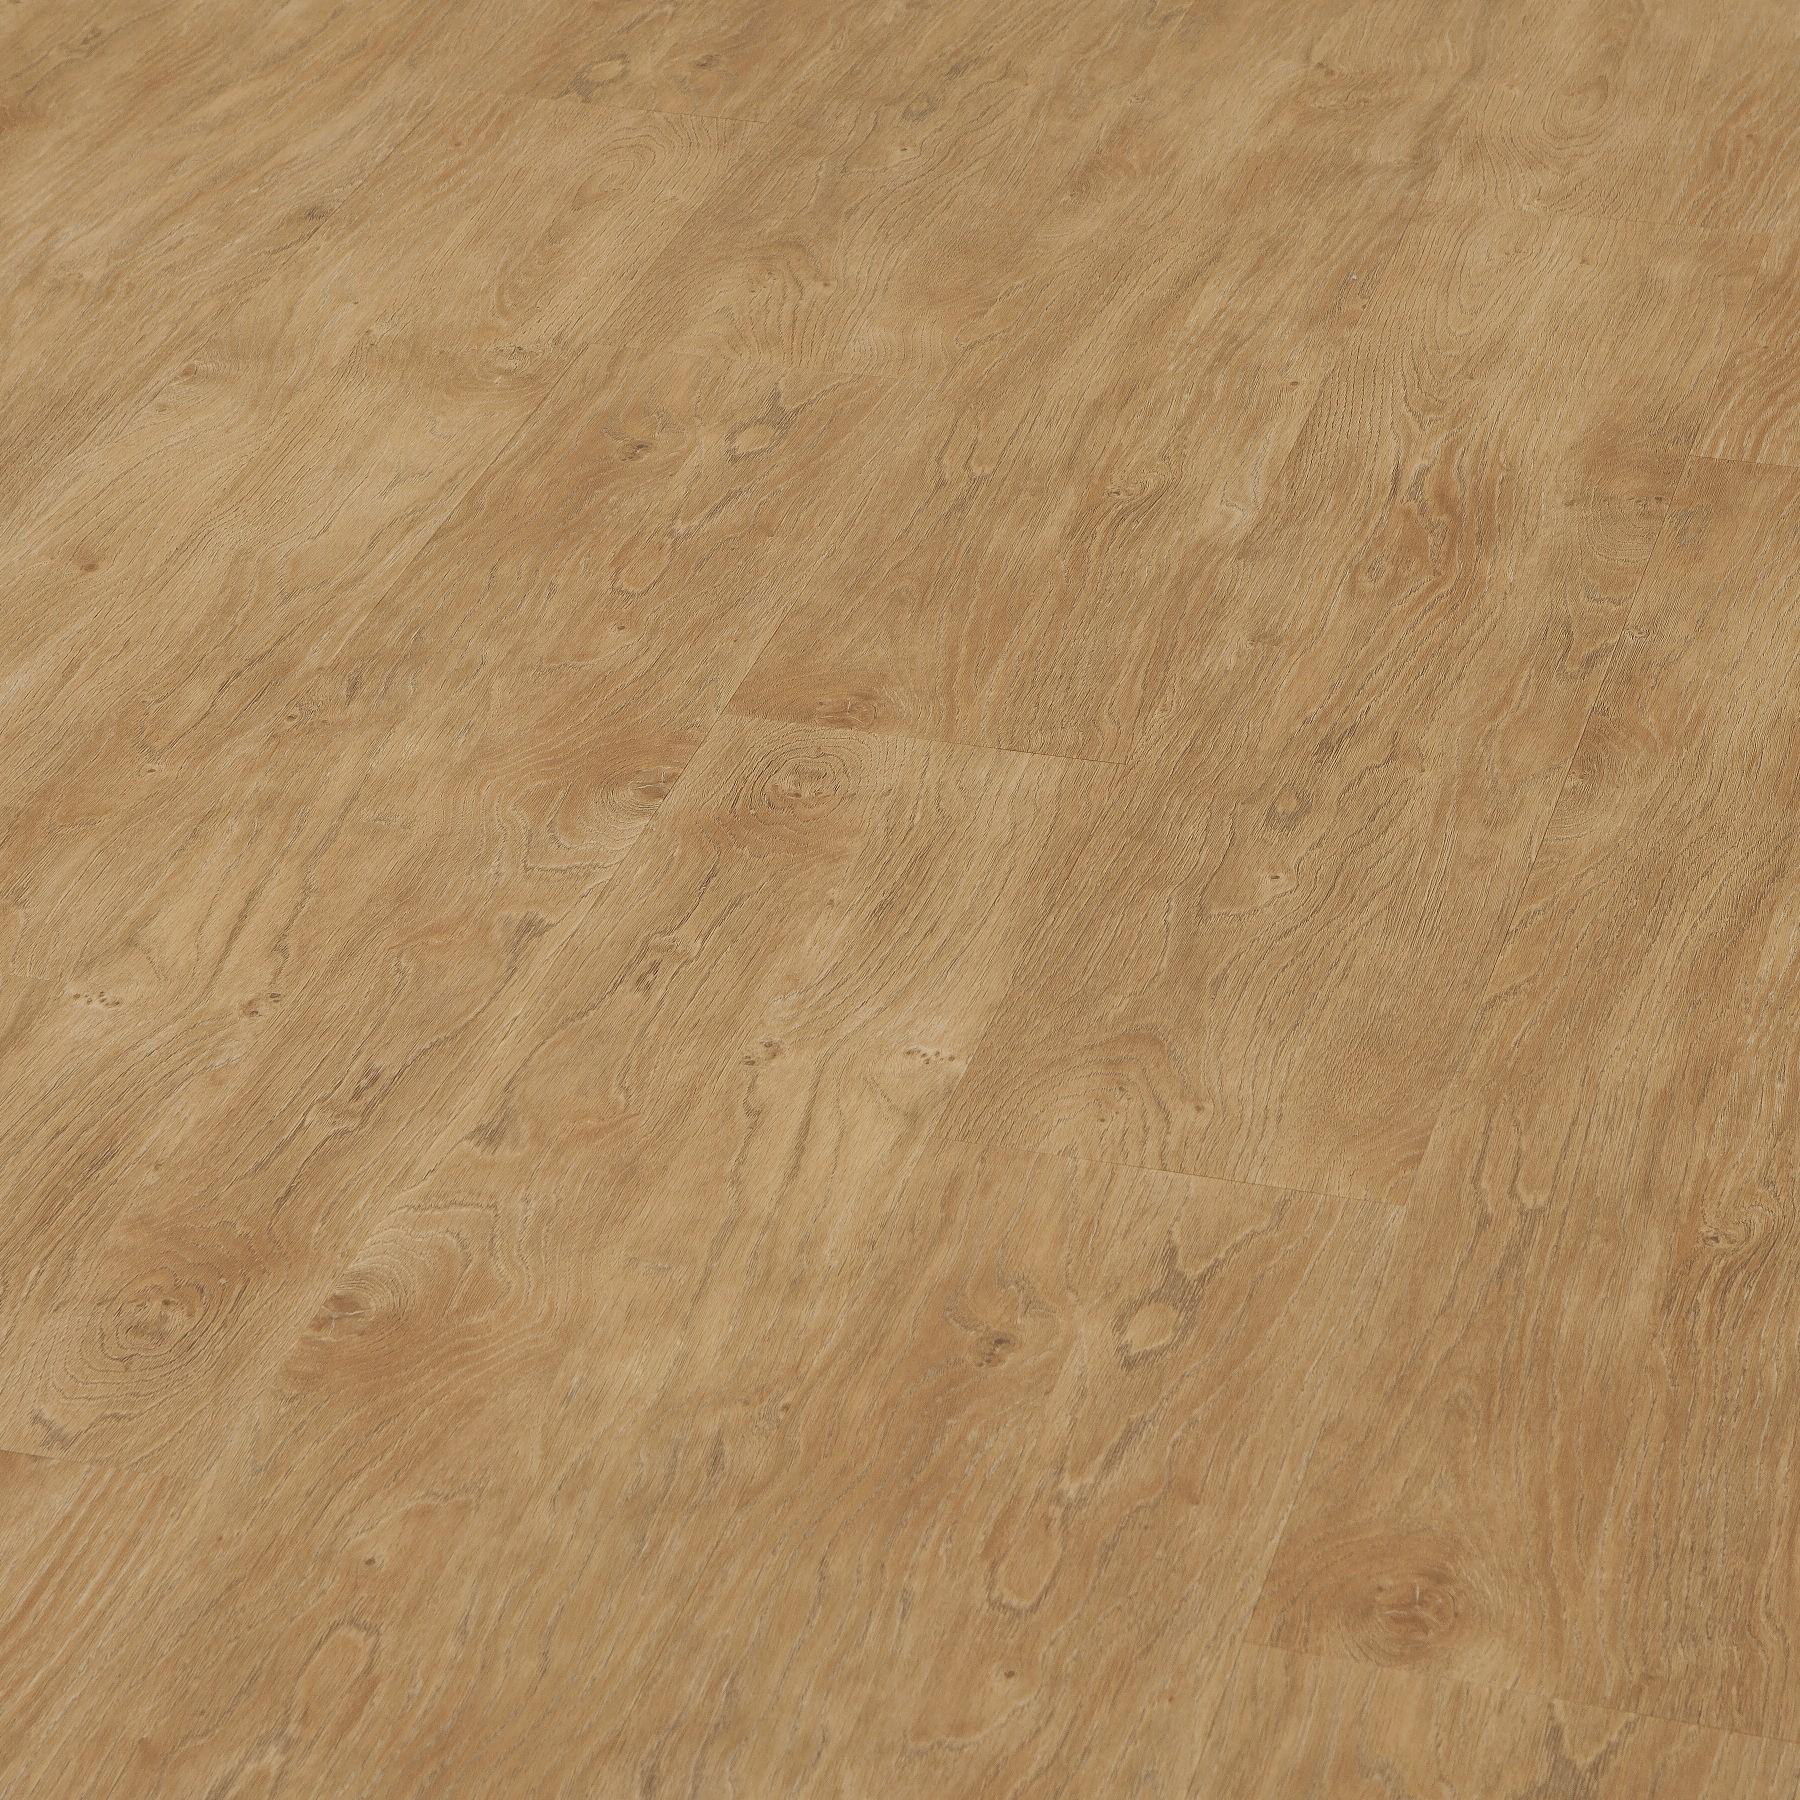 Vinylová podlaha Adramaq, dekor Dub přírodní